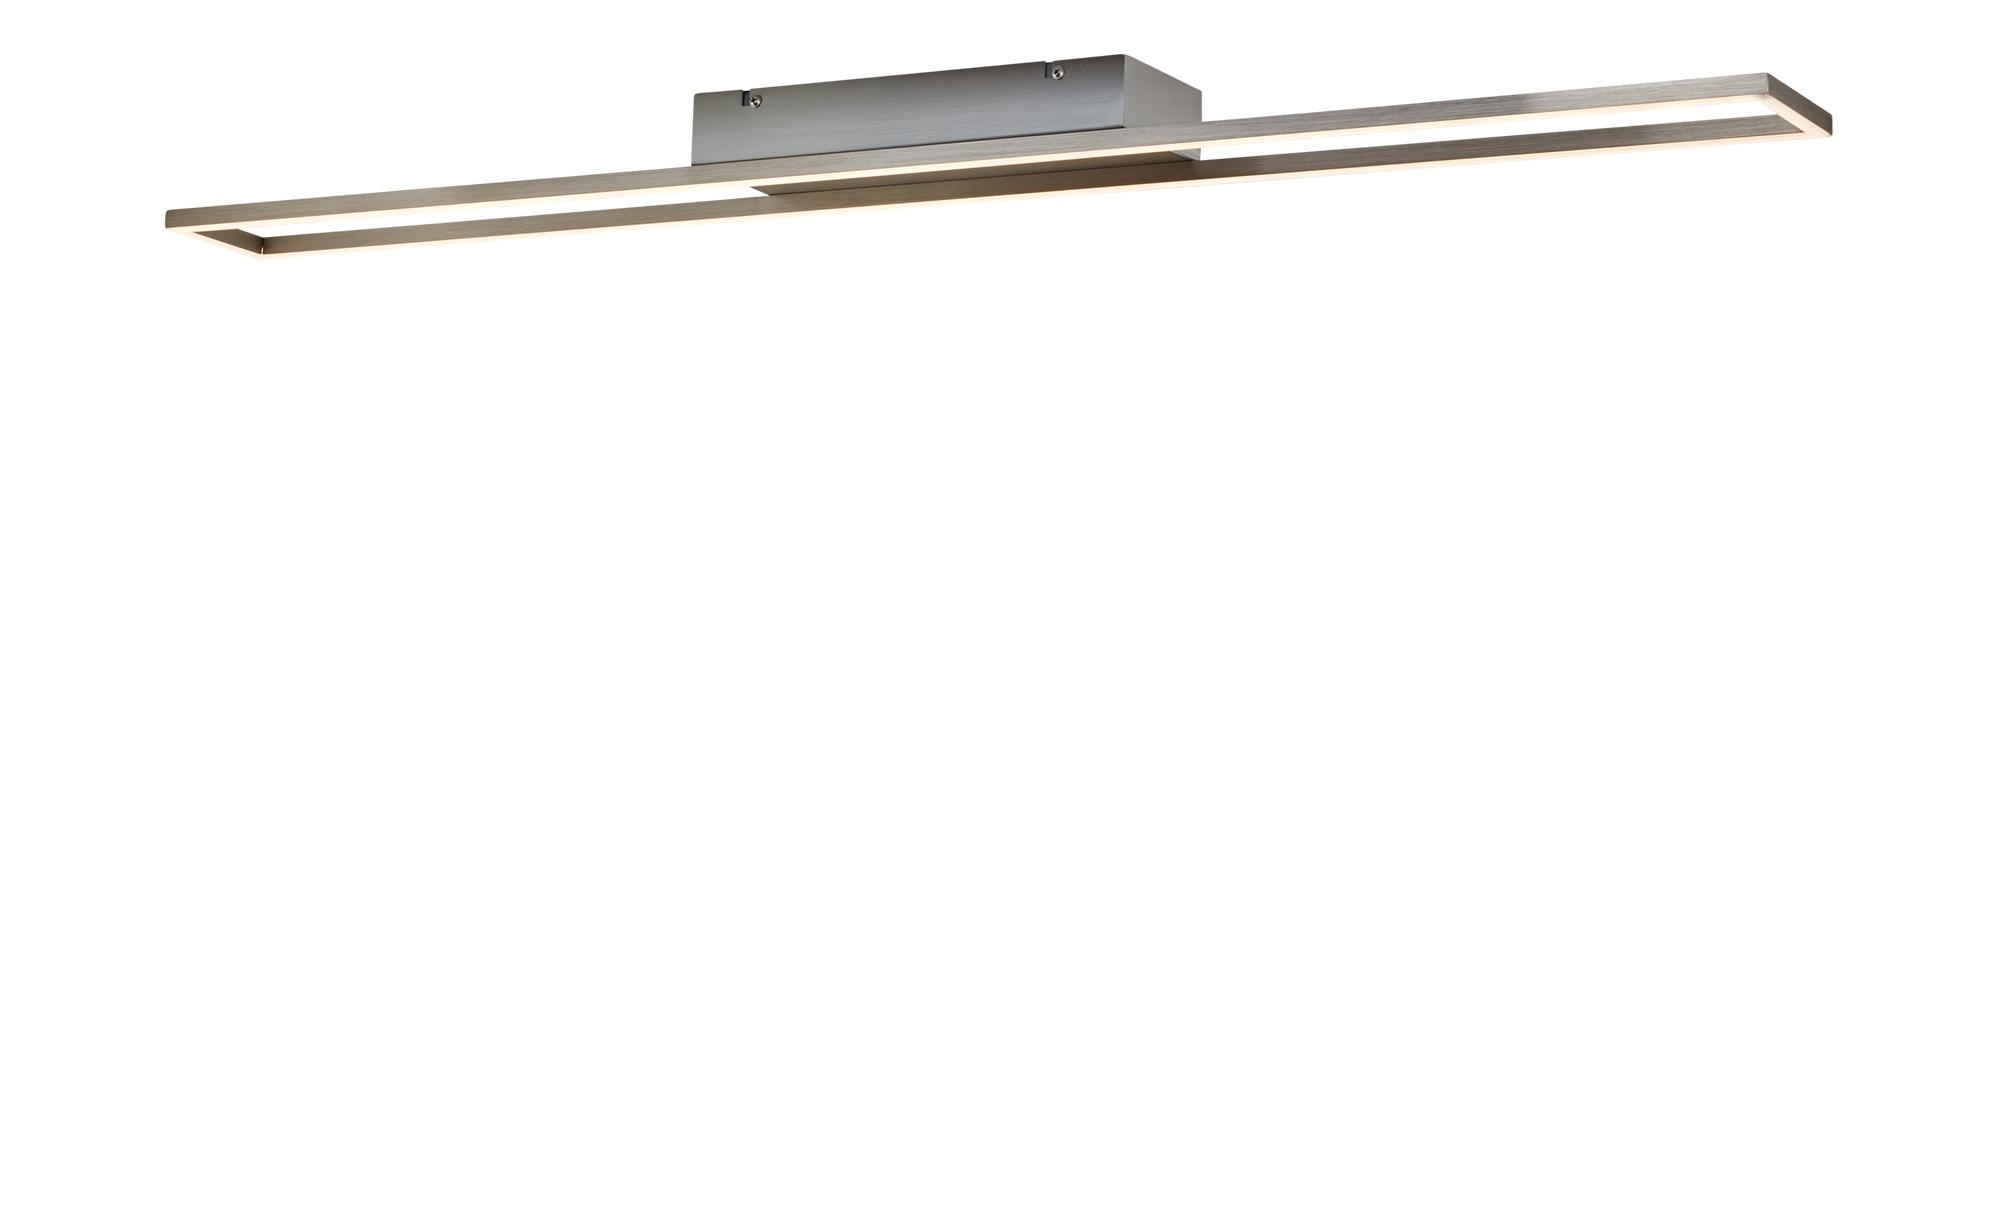 Paul Neuhaus LED- Deckenleuchte,1-flammig, nickel matt, rechteckig ¦ silber ¦ Maße (cm): B: 100 Lampen & Leuchten > Innenleuchten > Deckenleuchten - Höffner